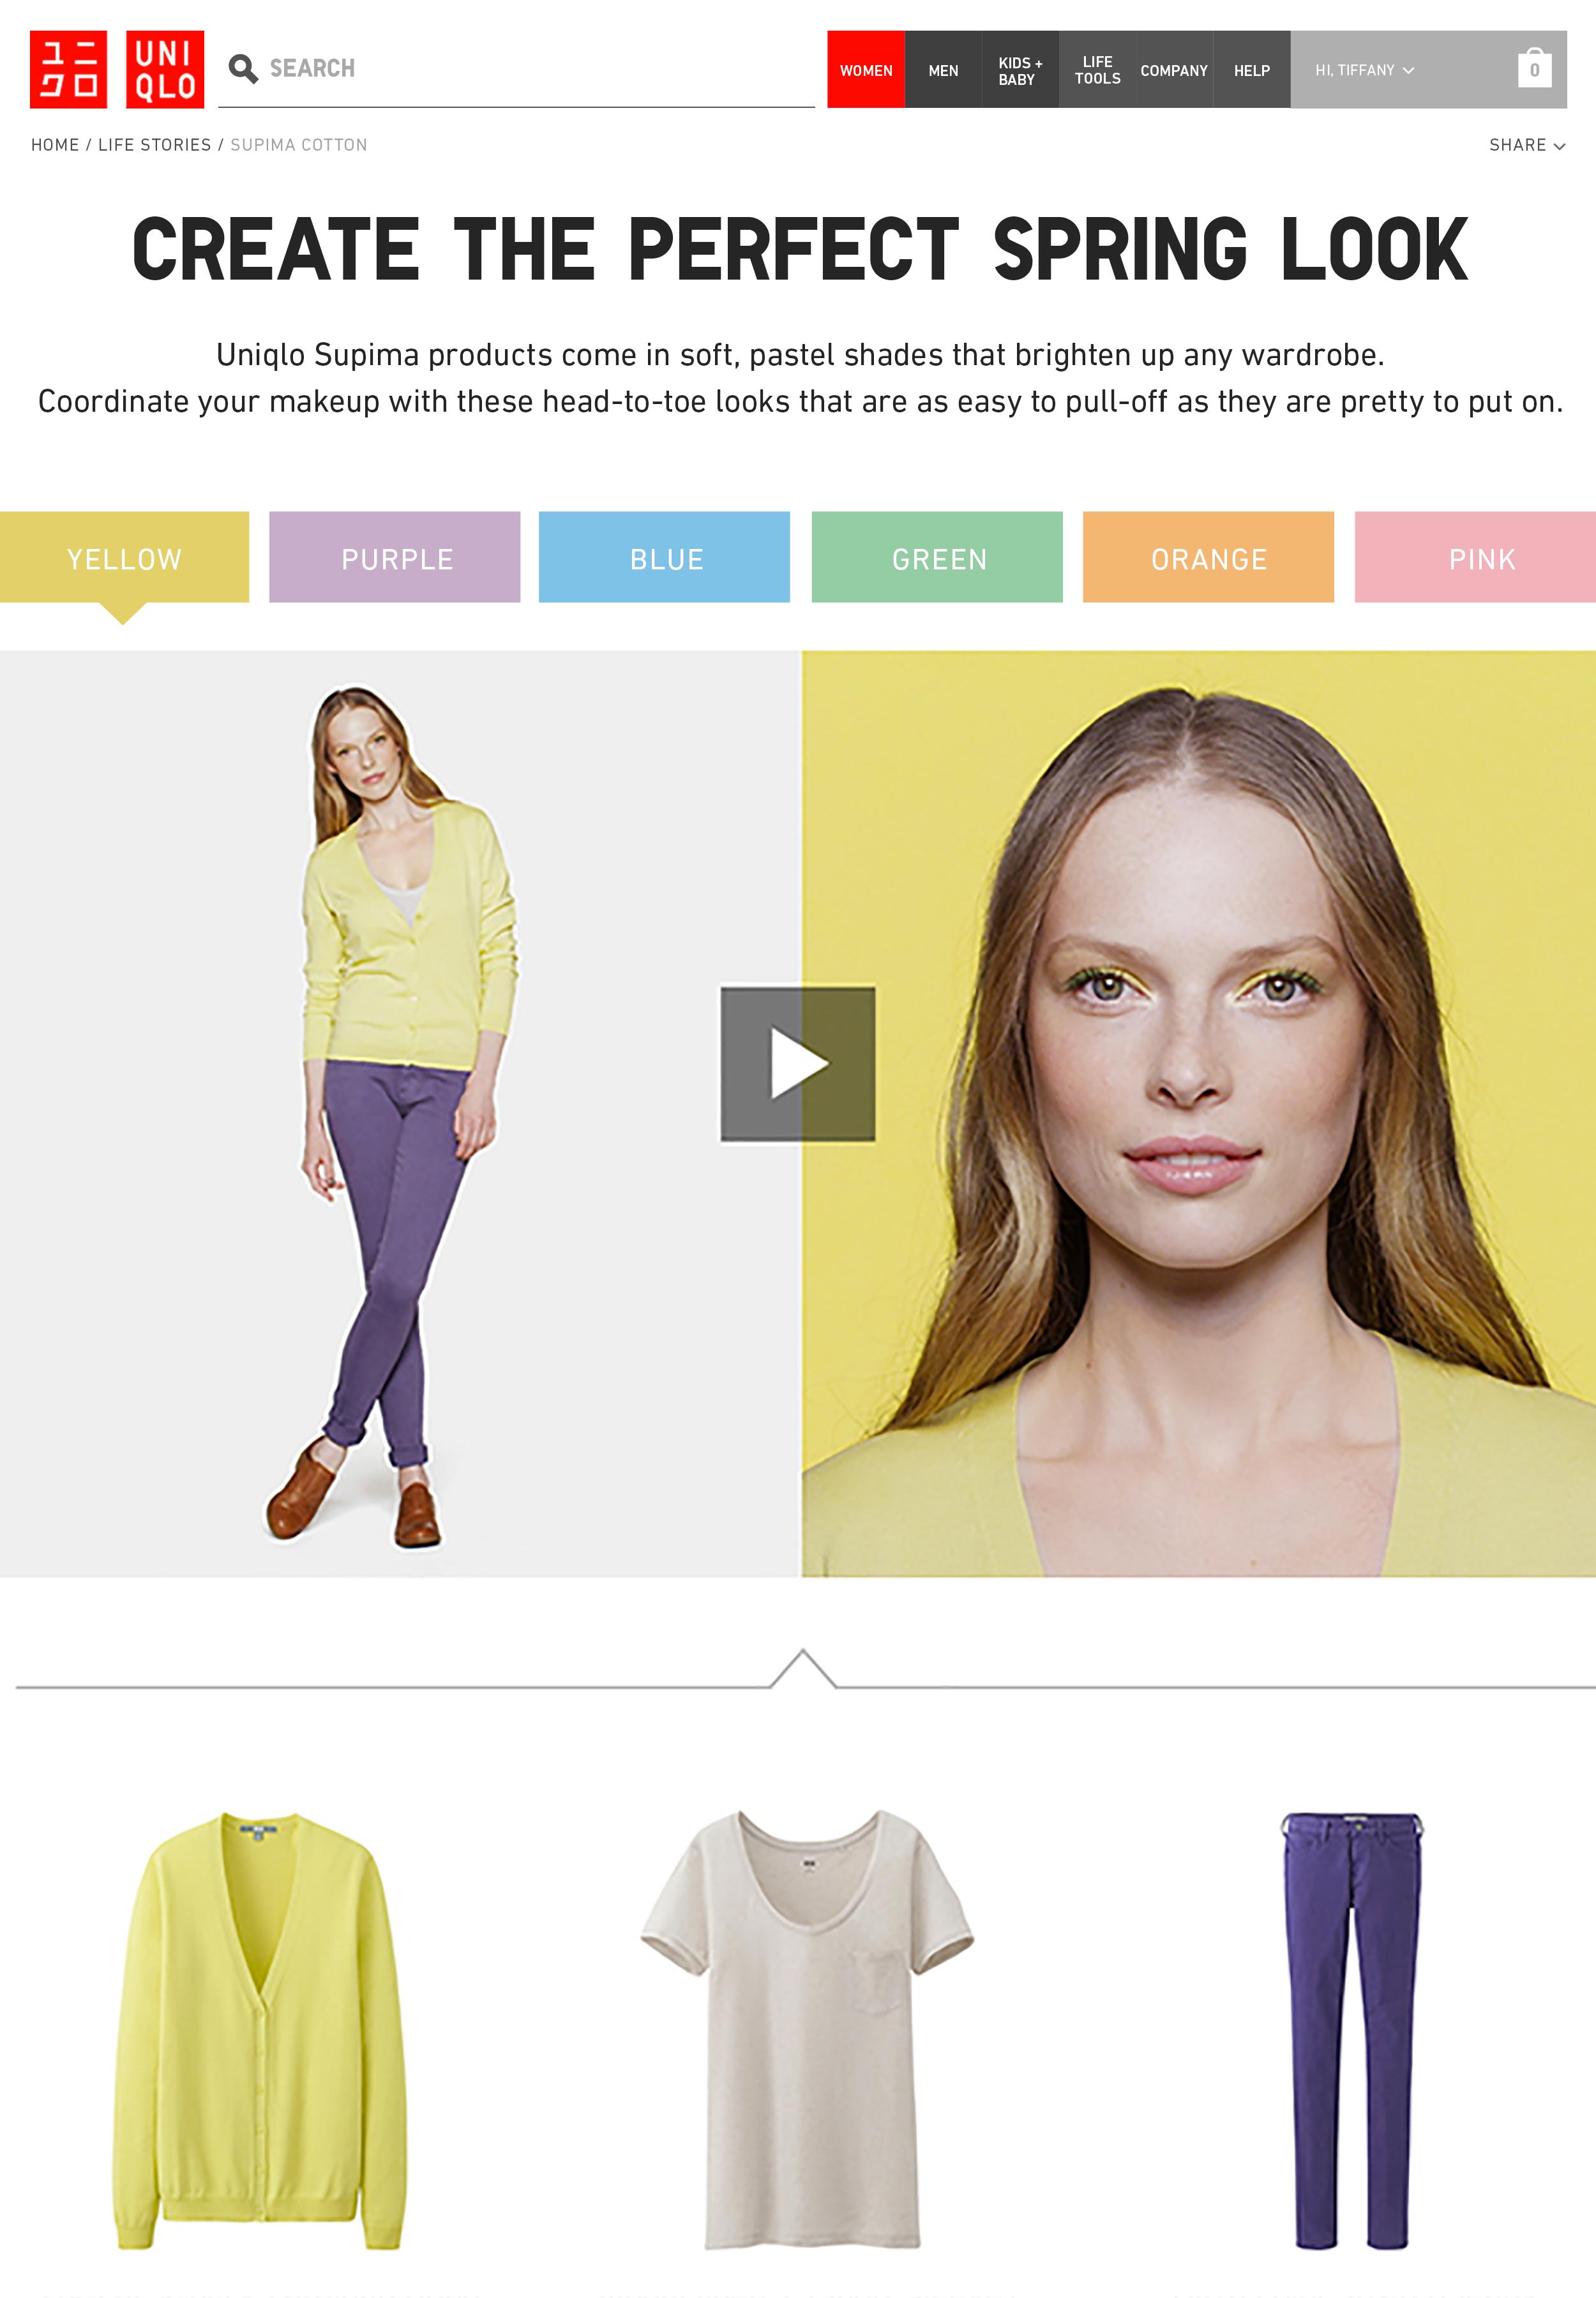 SQ_UniqloSupima_Slideshow2_yellow.png